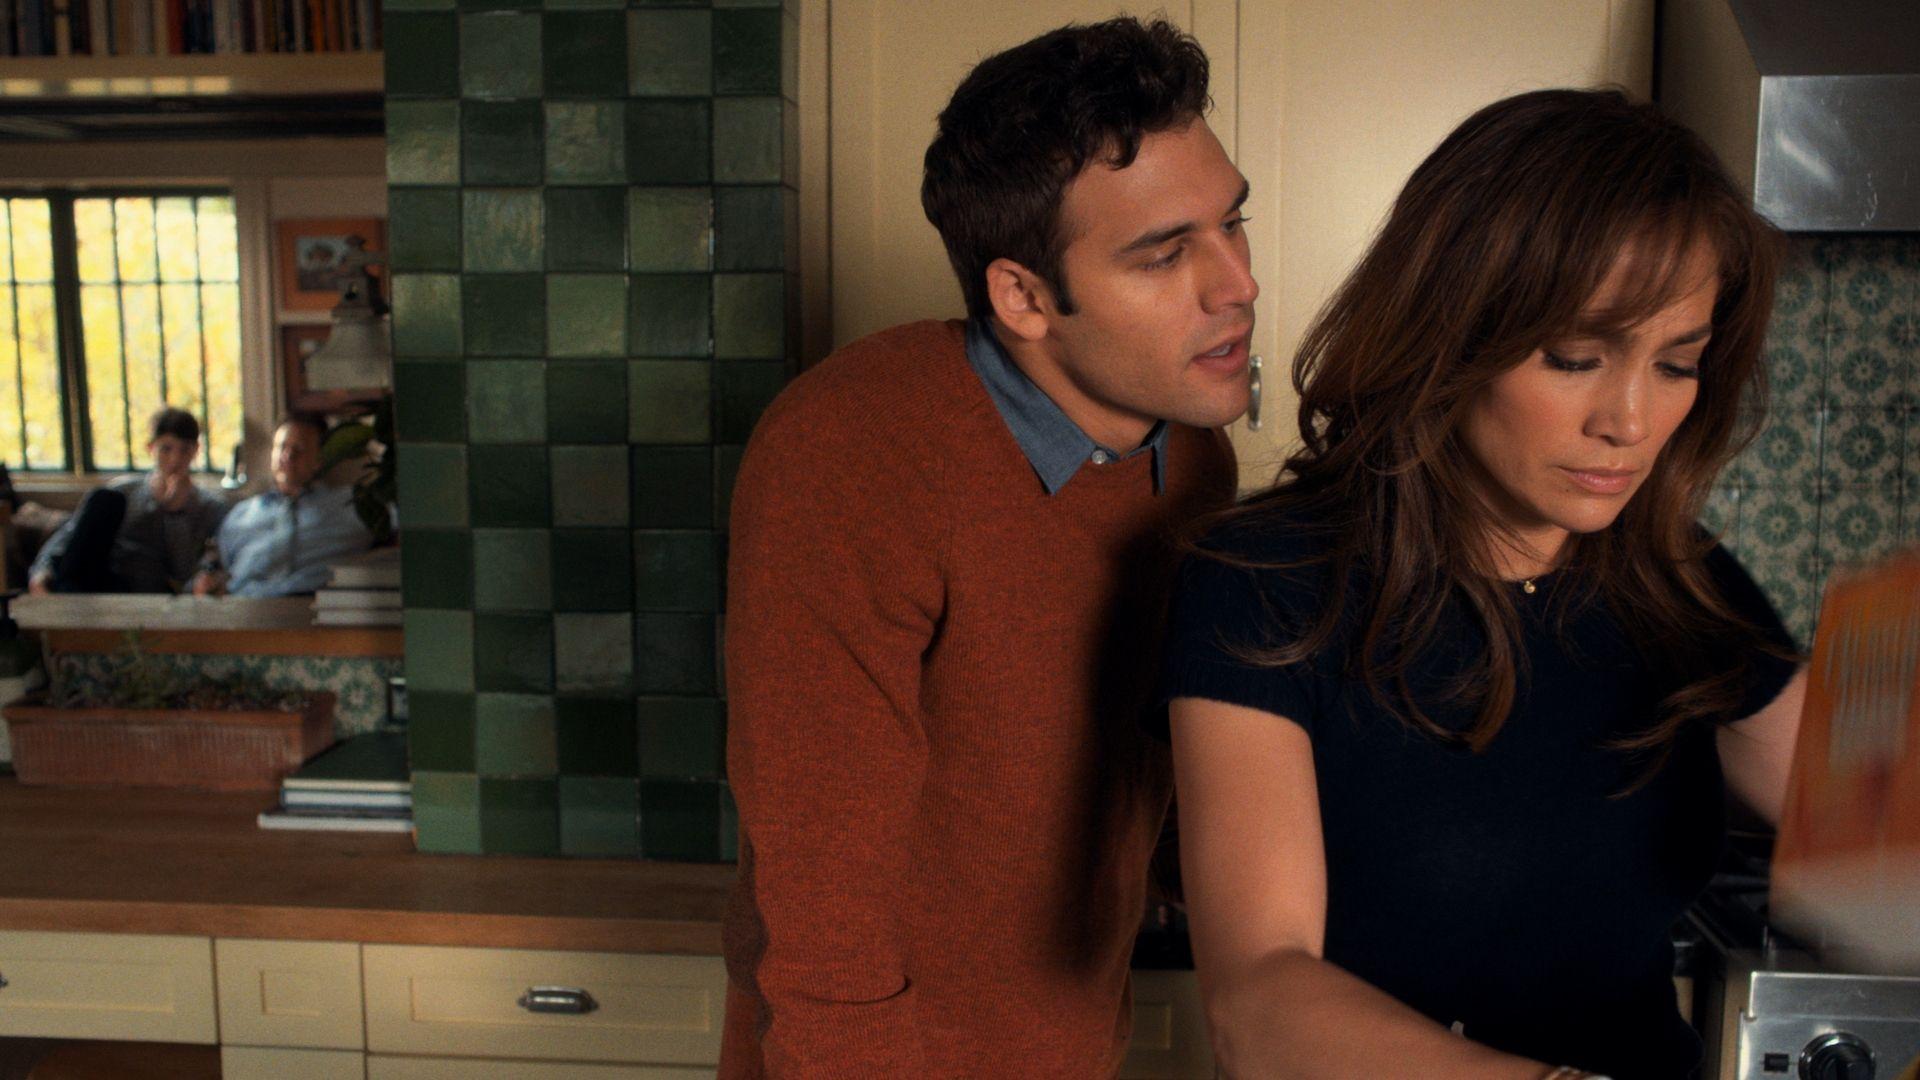 Film Review The Boy Next Door The Boy Next Door Ryan Guzman Jennifer Lopez